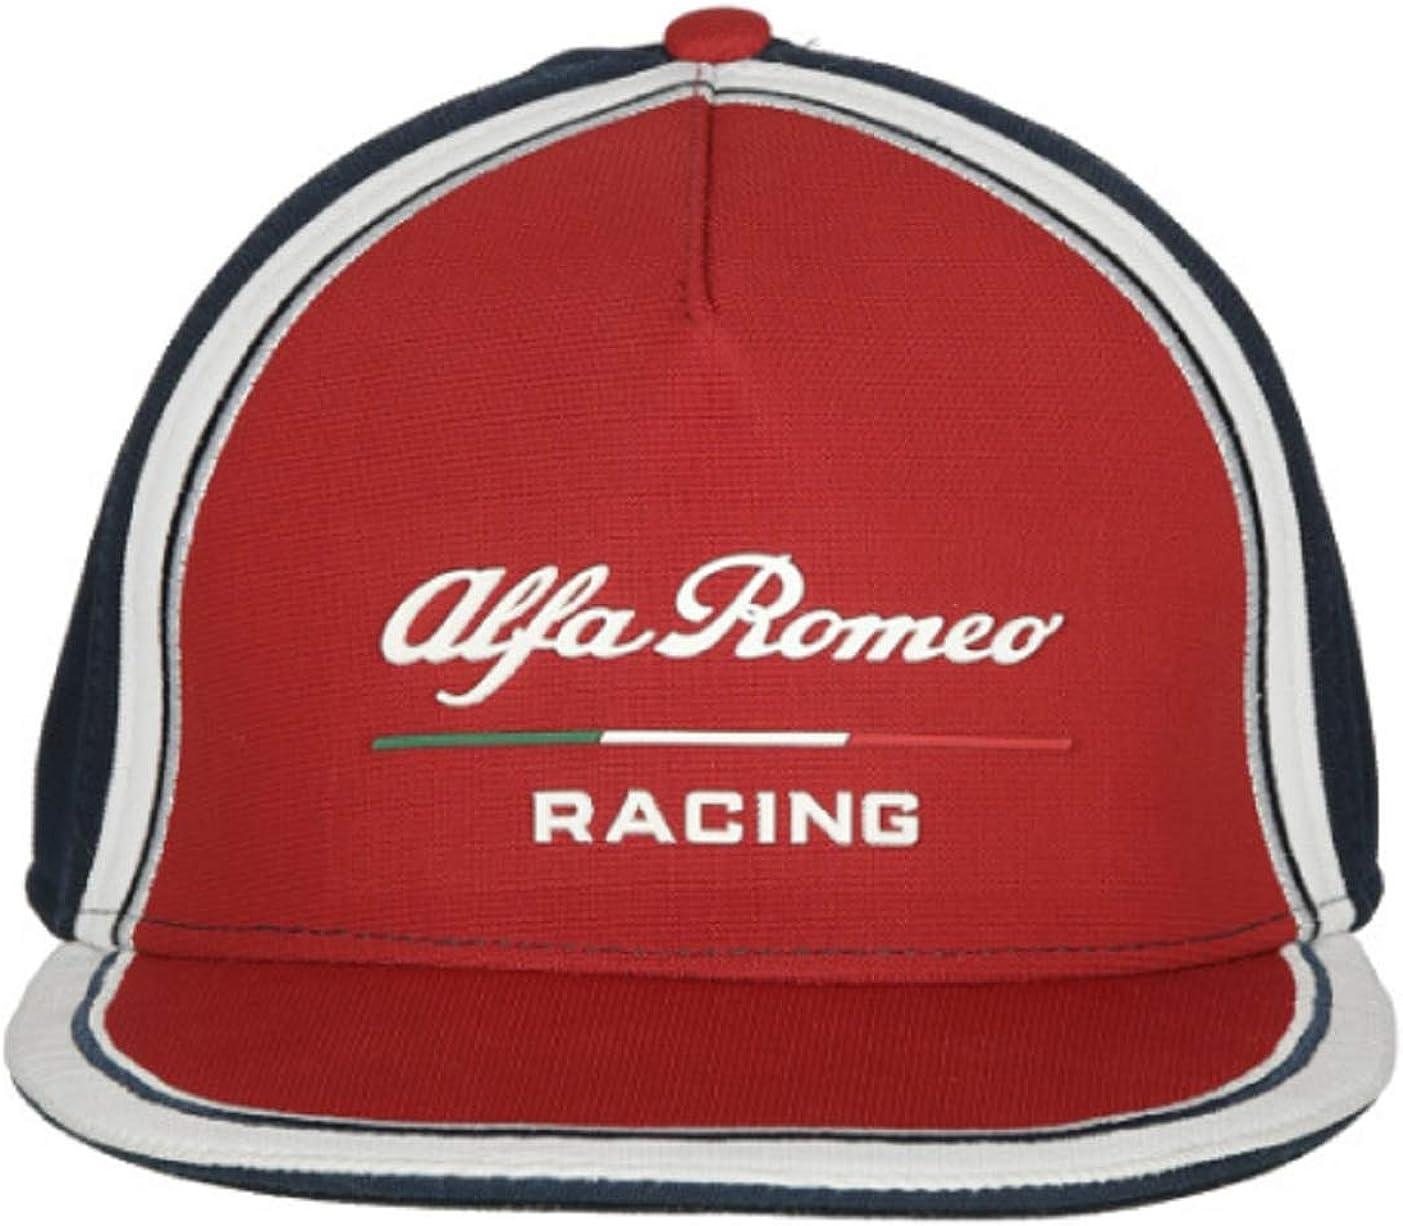 Alfa Romeo 2019 Kids Flat Brim Team Hat